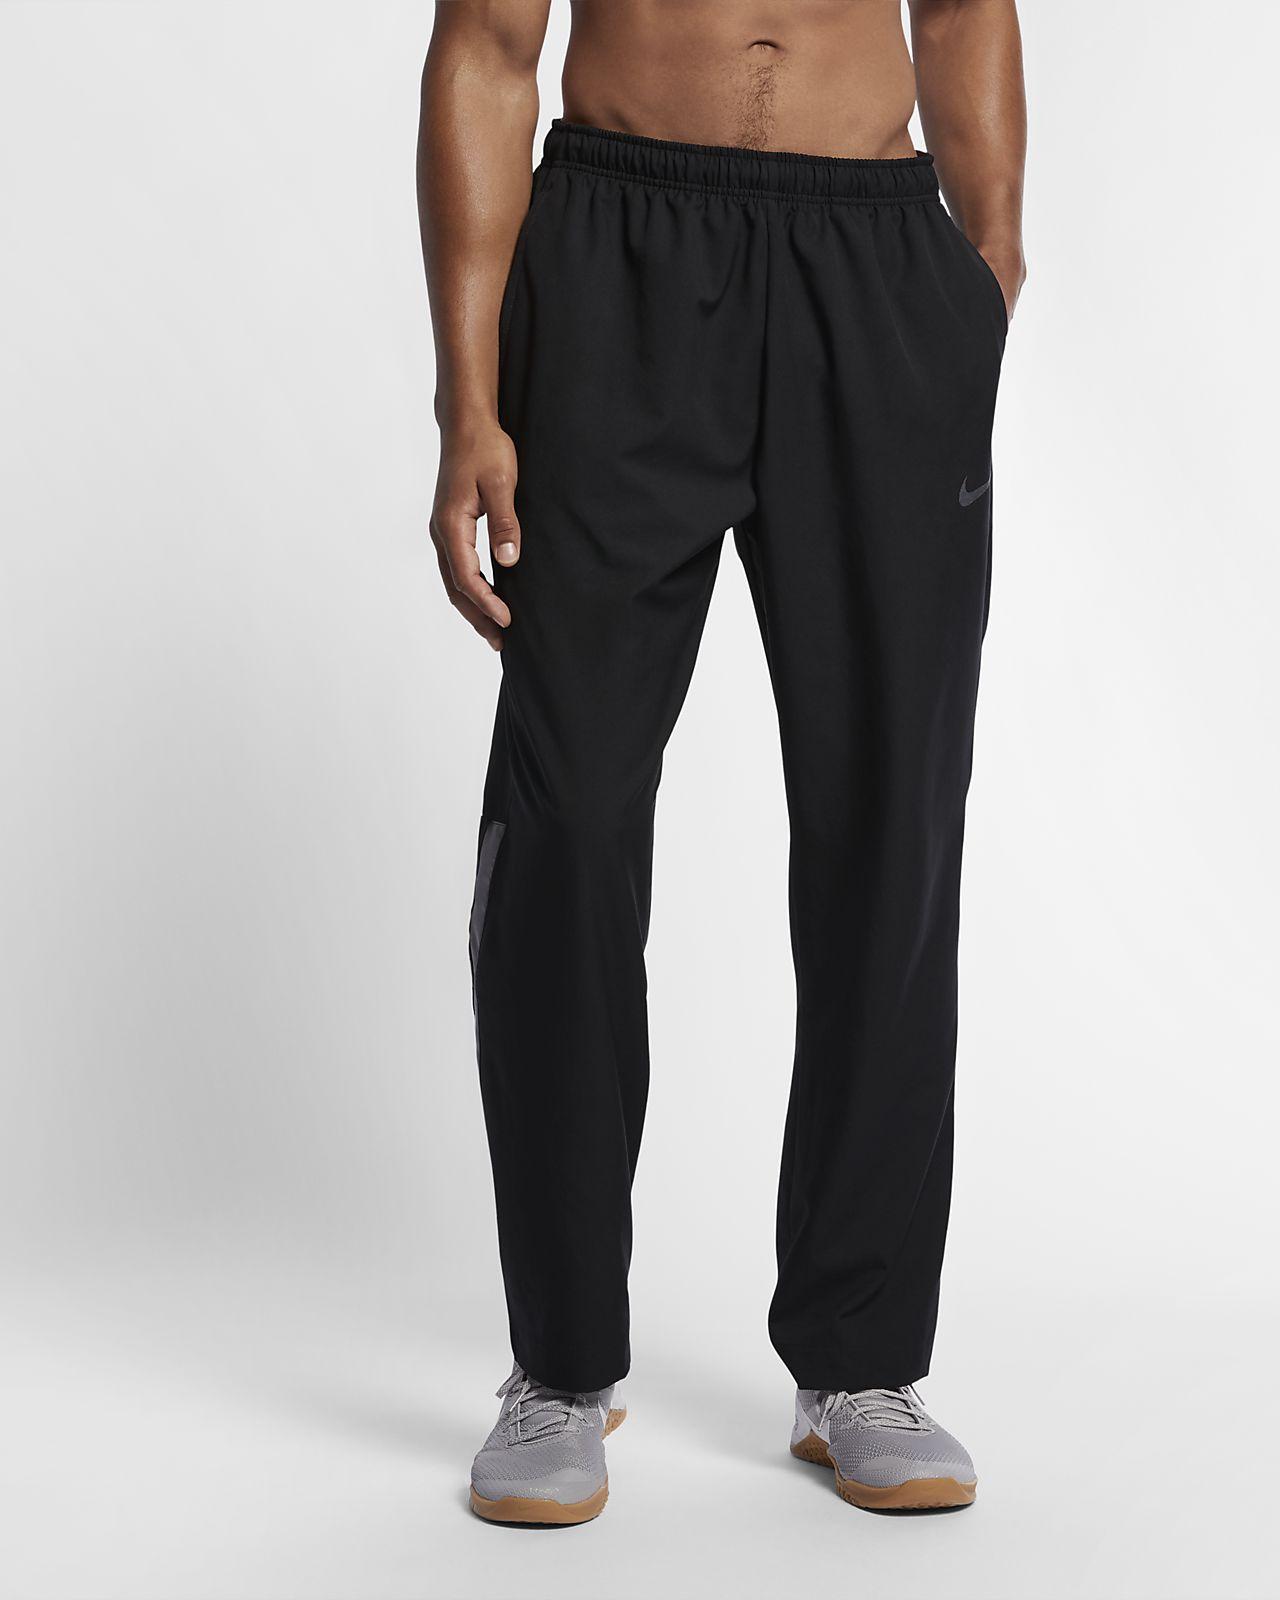 Pantalones tejidos de entrenamiento para hombre Nike Dri-FIT